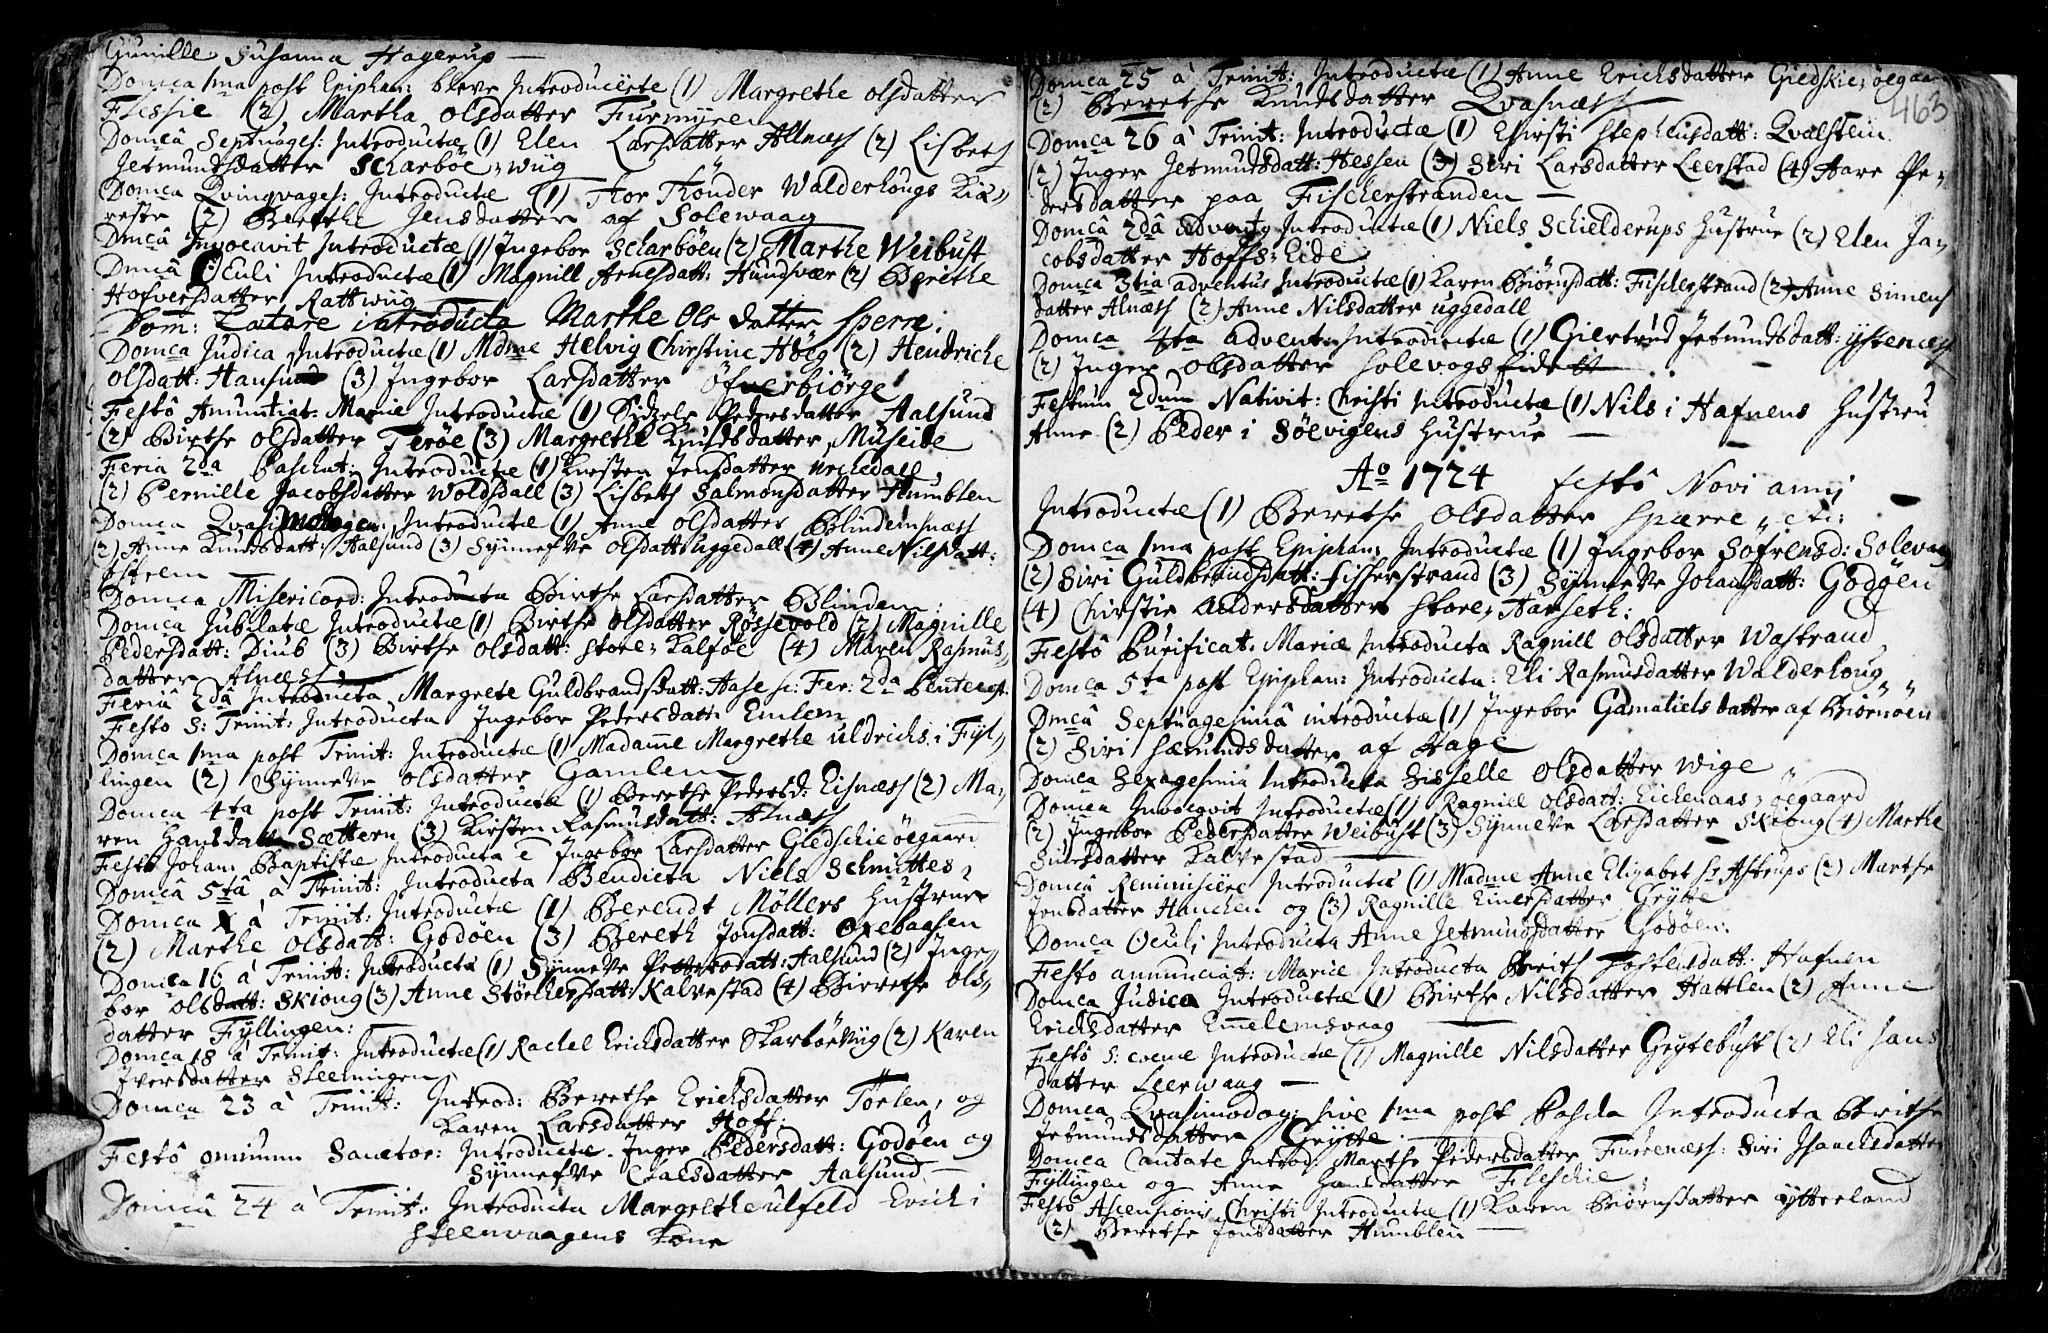 SAT, Ministerialprotokoller, klokkerbøker og fødselsregistre - Møre og Romsdal, 528/L0390: Ministerialbok nr. 528A01, 1698-1739, s. 462-463